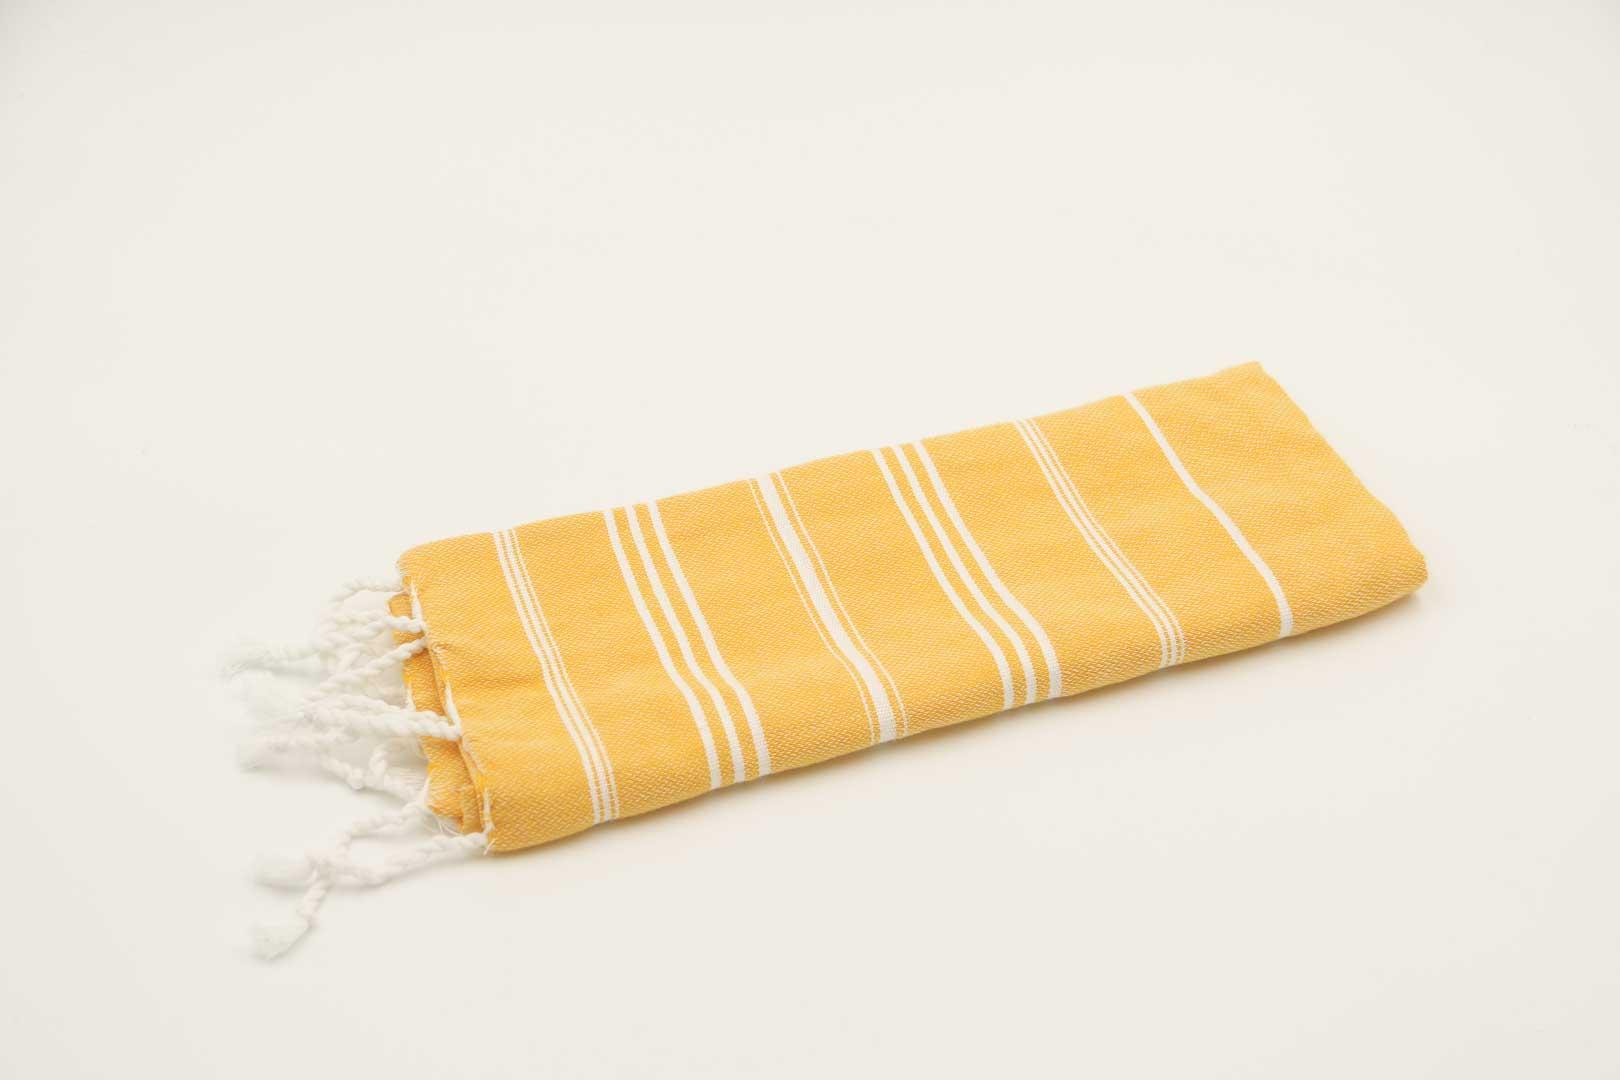 Käsipyyhe Ranta, keltainen